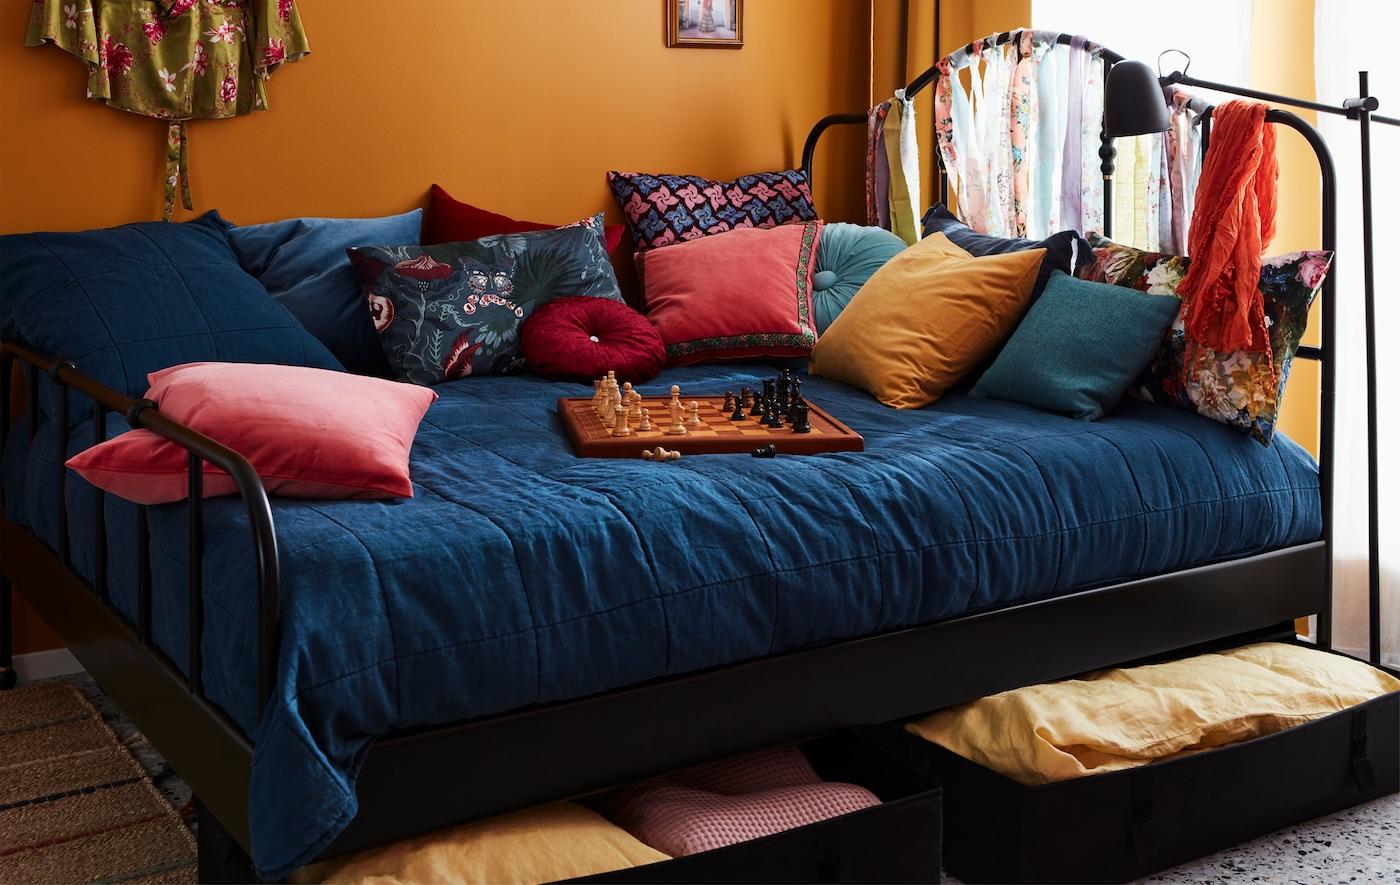 Cama amplia y colorida hecha con un montón de cojines y un juego de ajedrez encima. Ropa de cama guardada en cajas debajo.